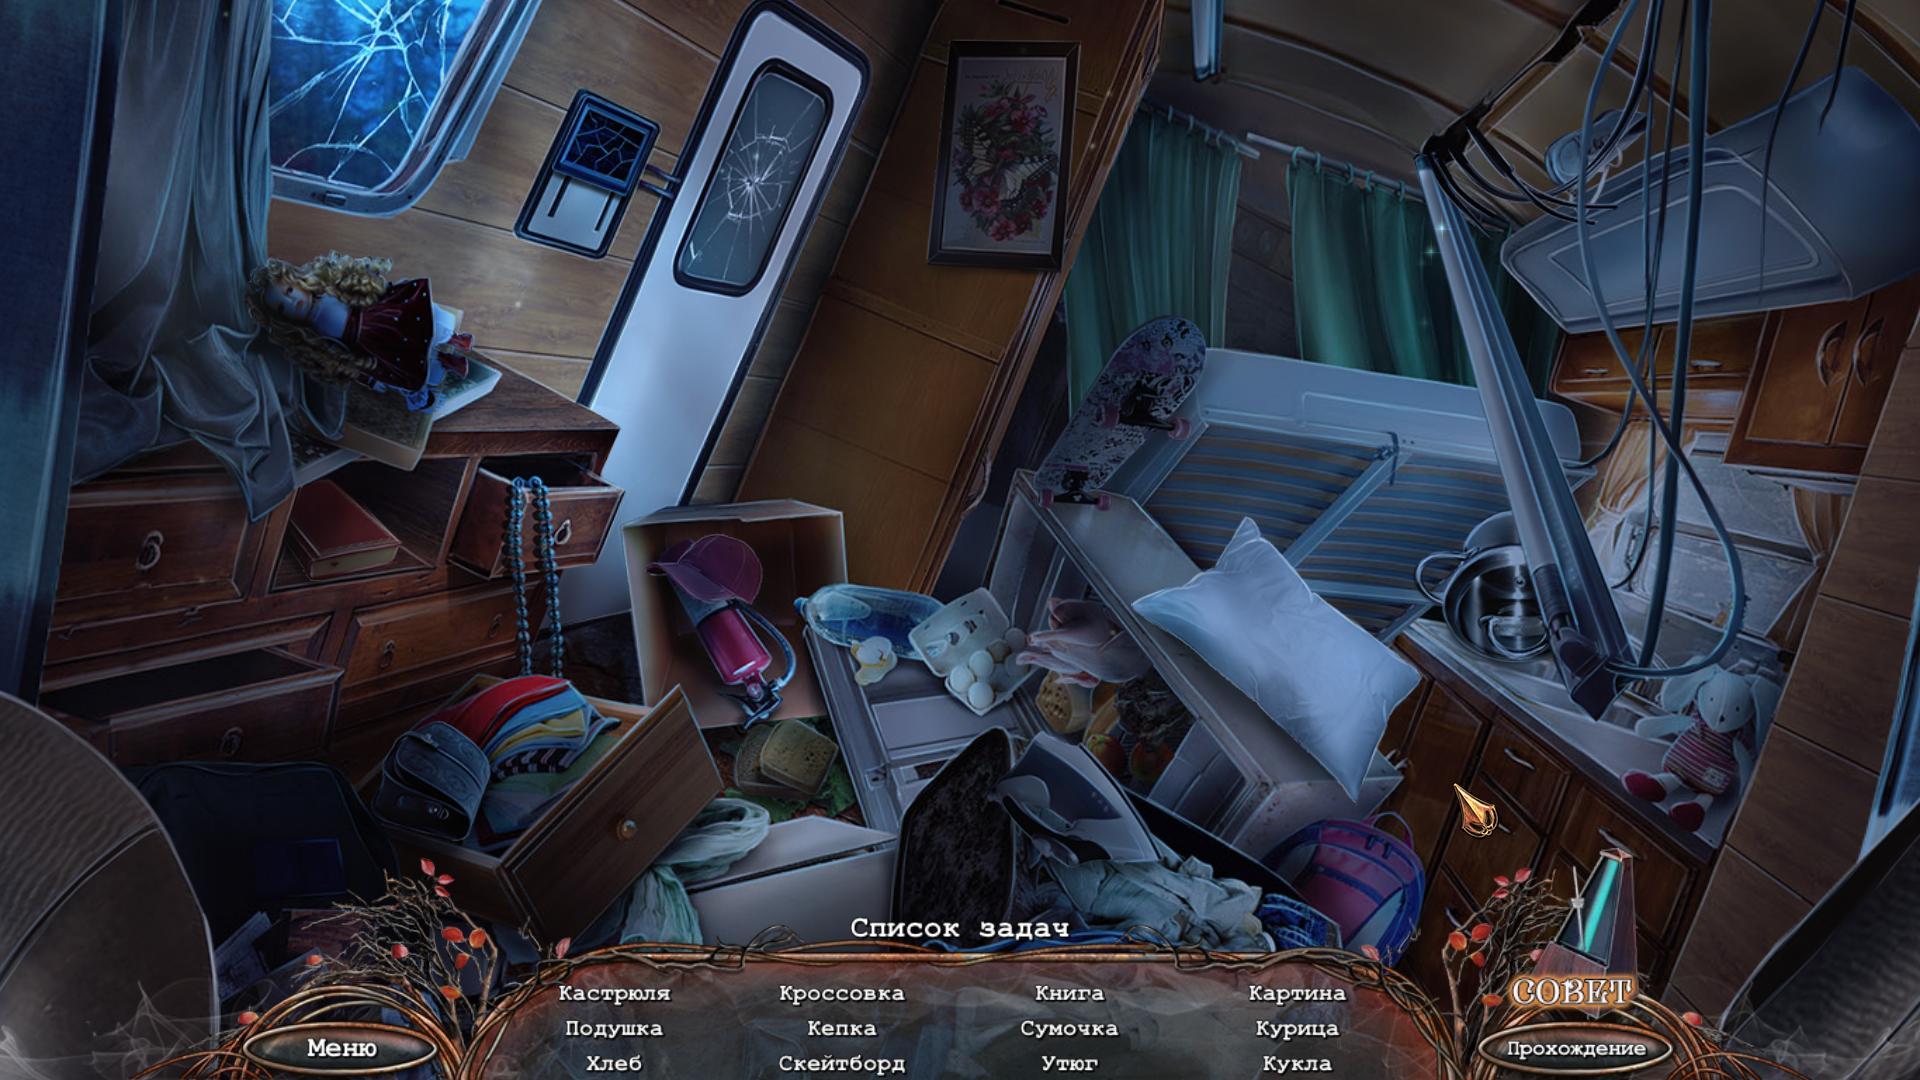 http://fs1.directupload.net/images/171210/zaduh4a6.jpg